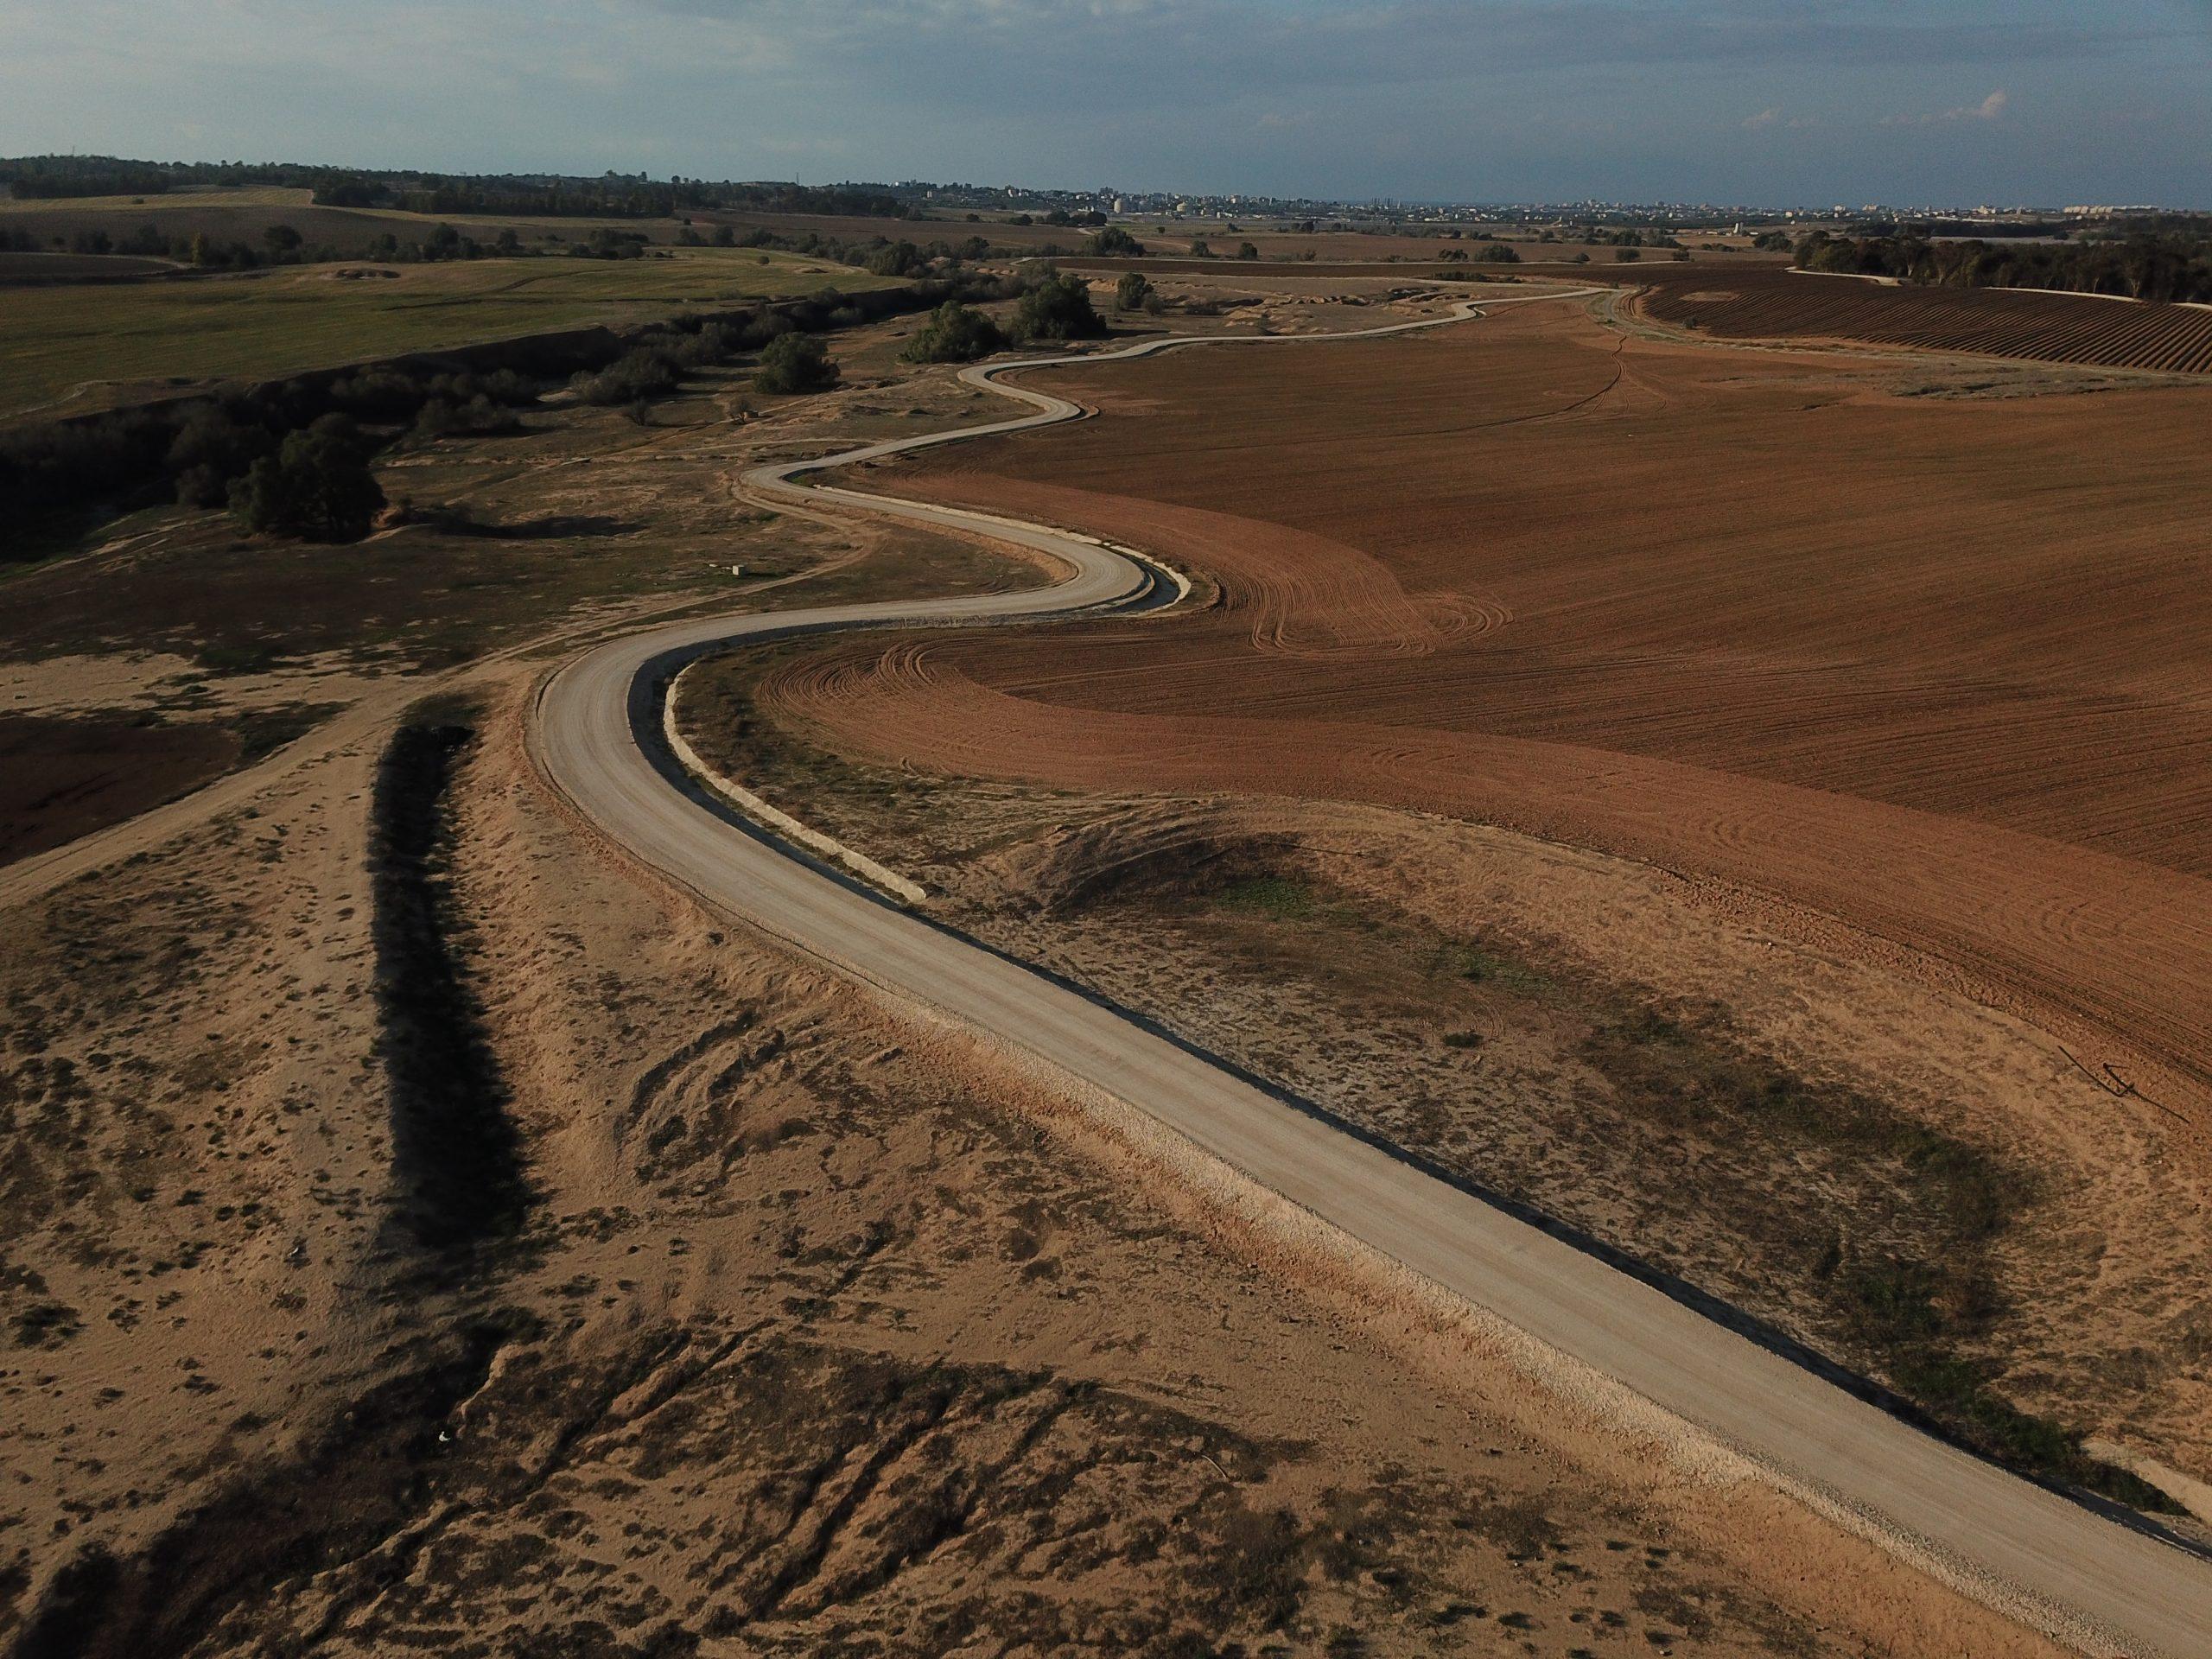 דרך הבשור הצפונית: מקטע תל ג'מה – חרבת גררית